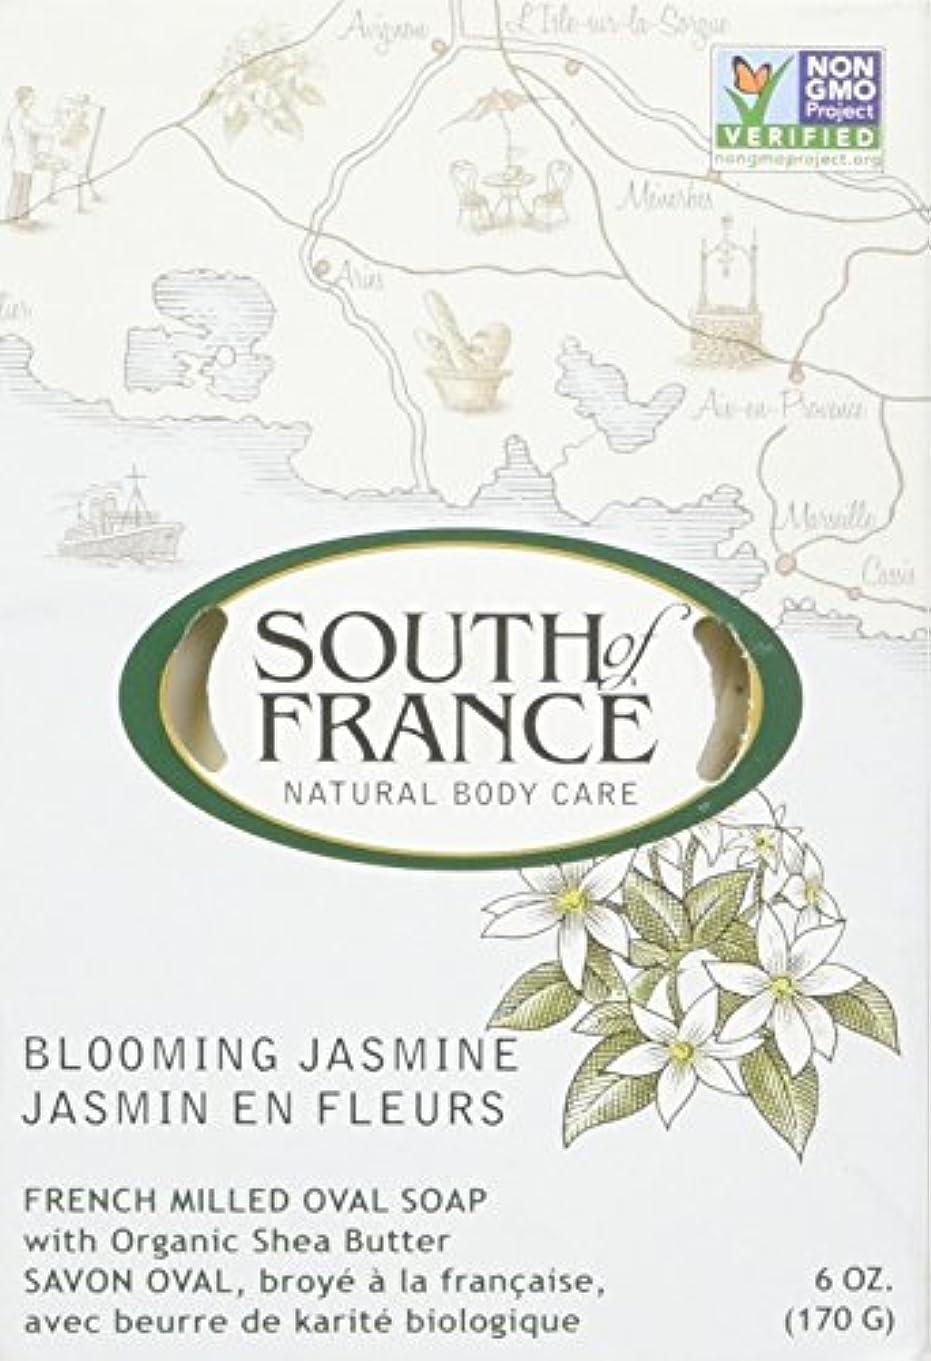 捨てる正当な主人South of France - フランスの製粉された野菜棒石鹸の咲くジャスミン - 6ポンド